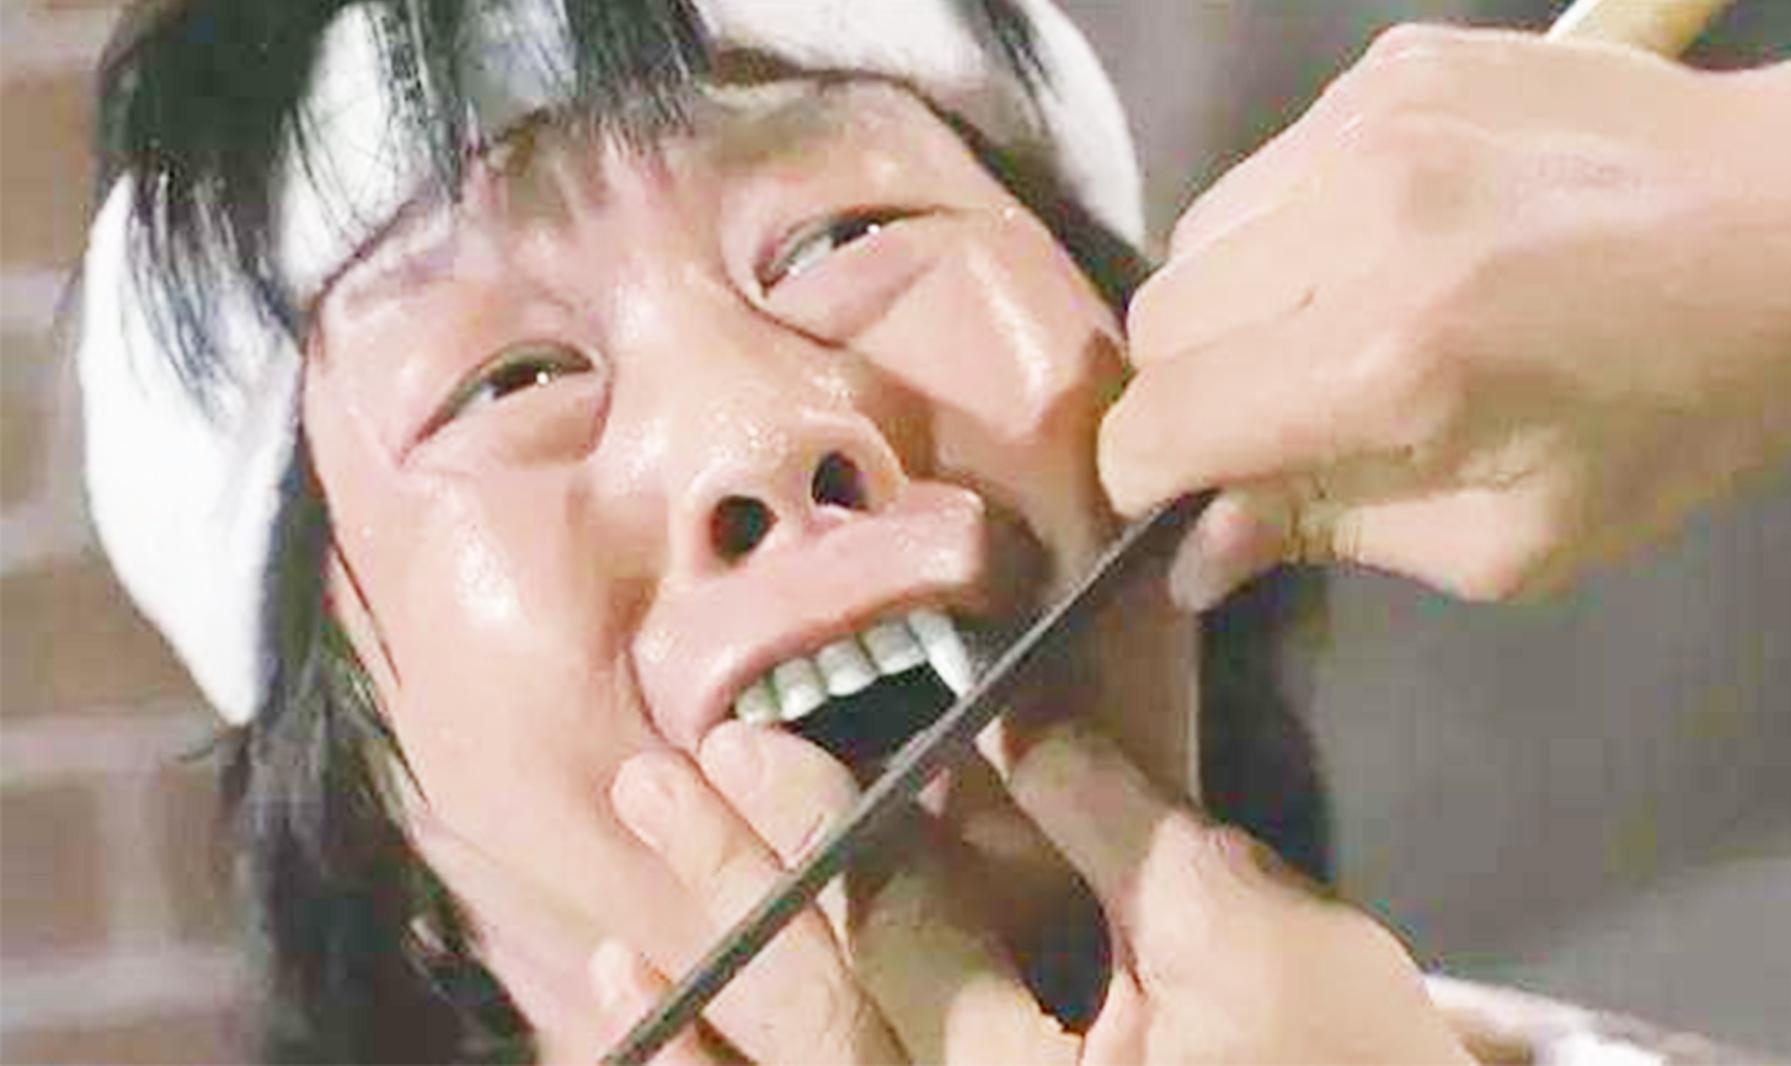 纪念林正英的电影《僵尸》,那个曾经陪我们笑的僵尸不在了!